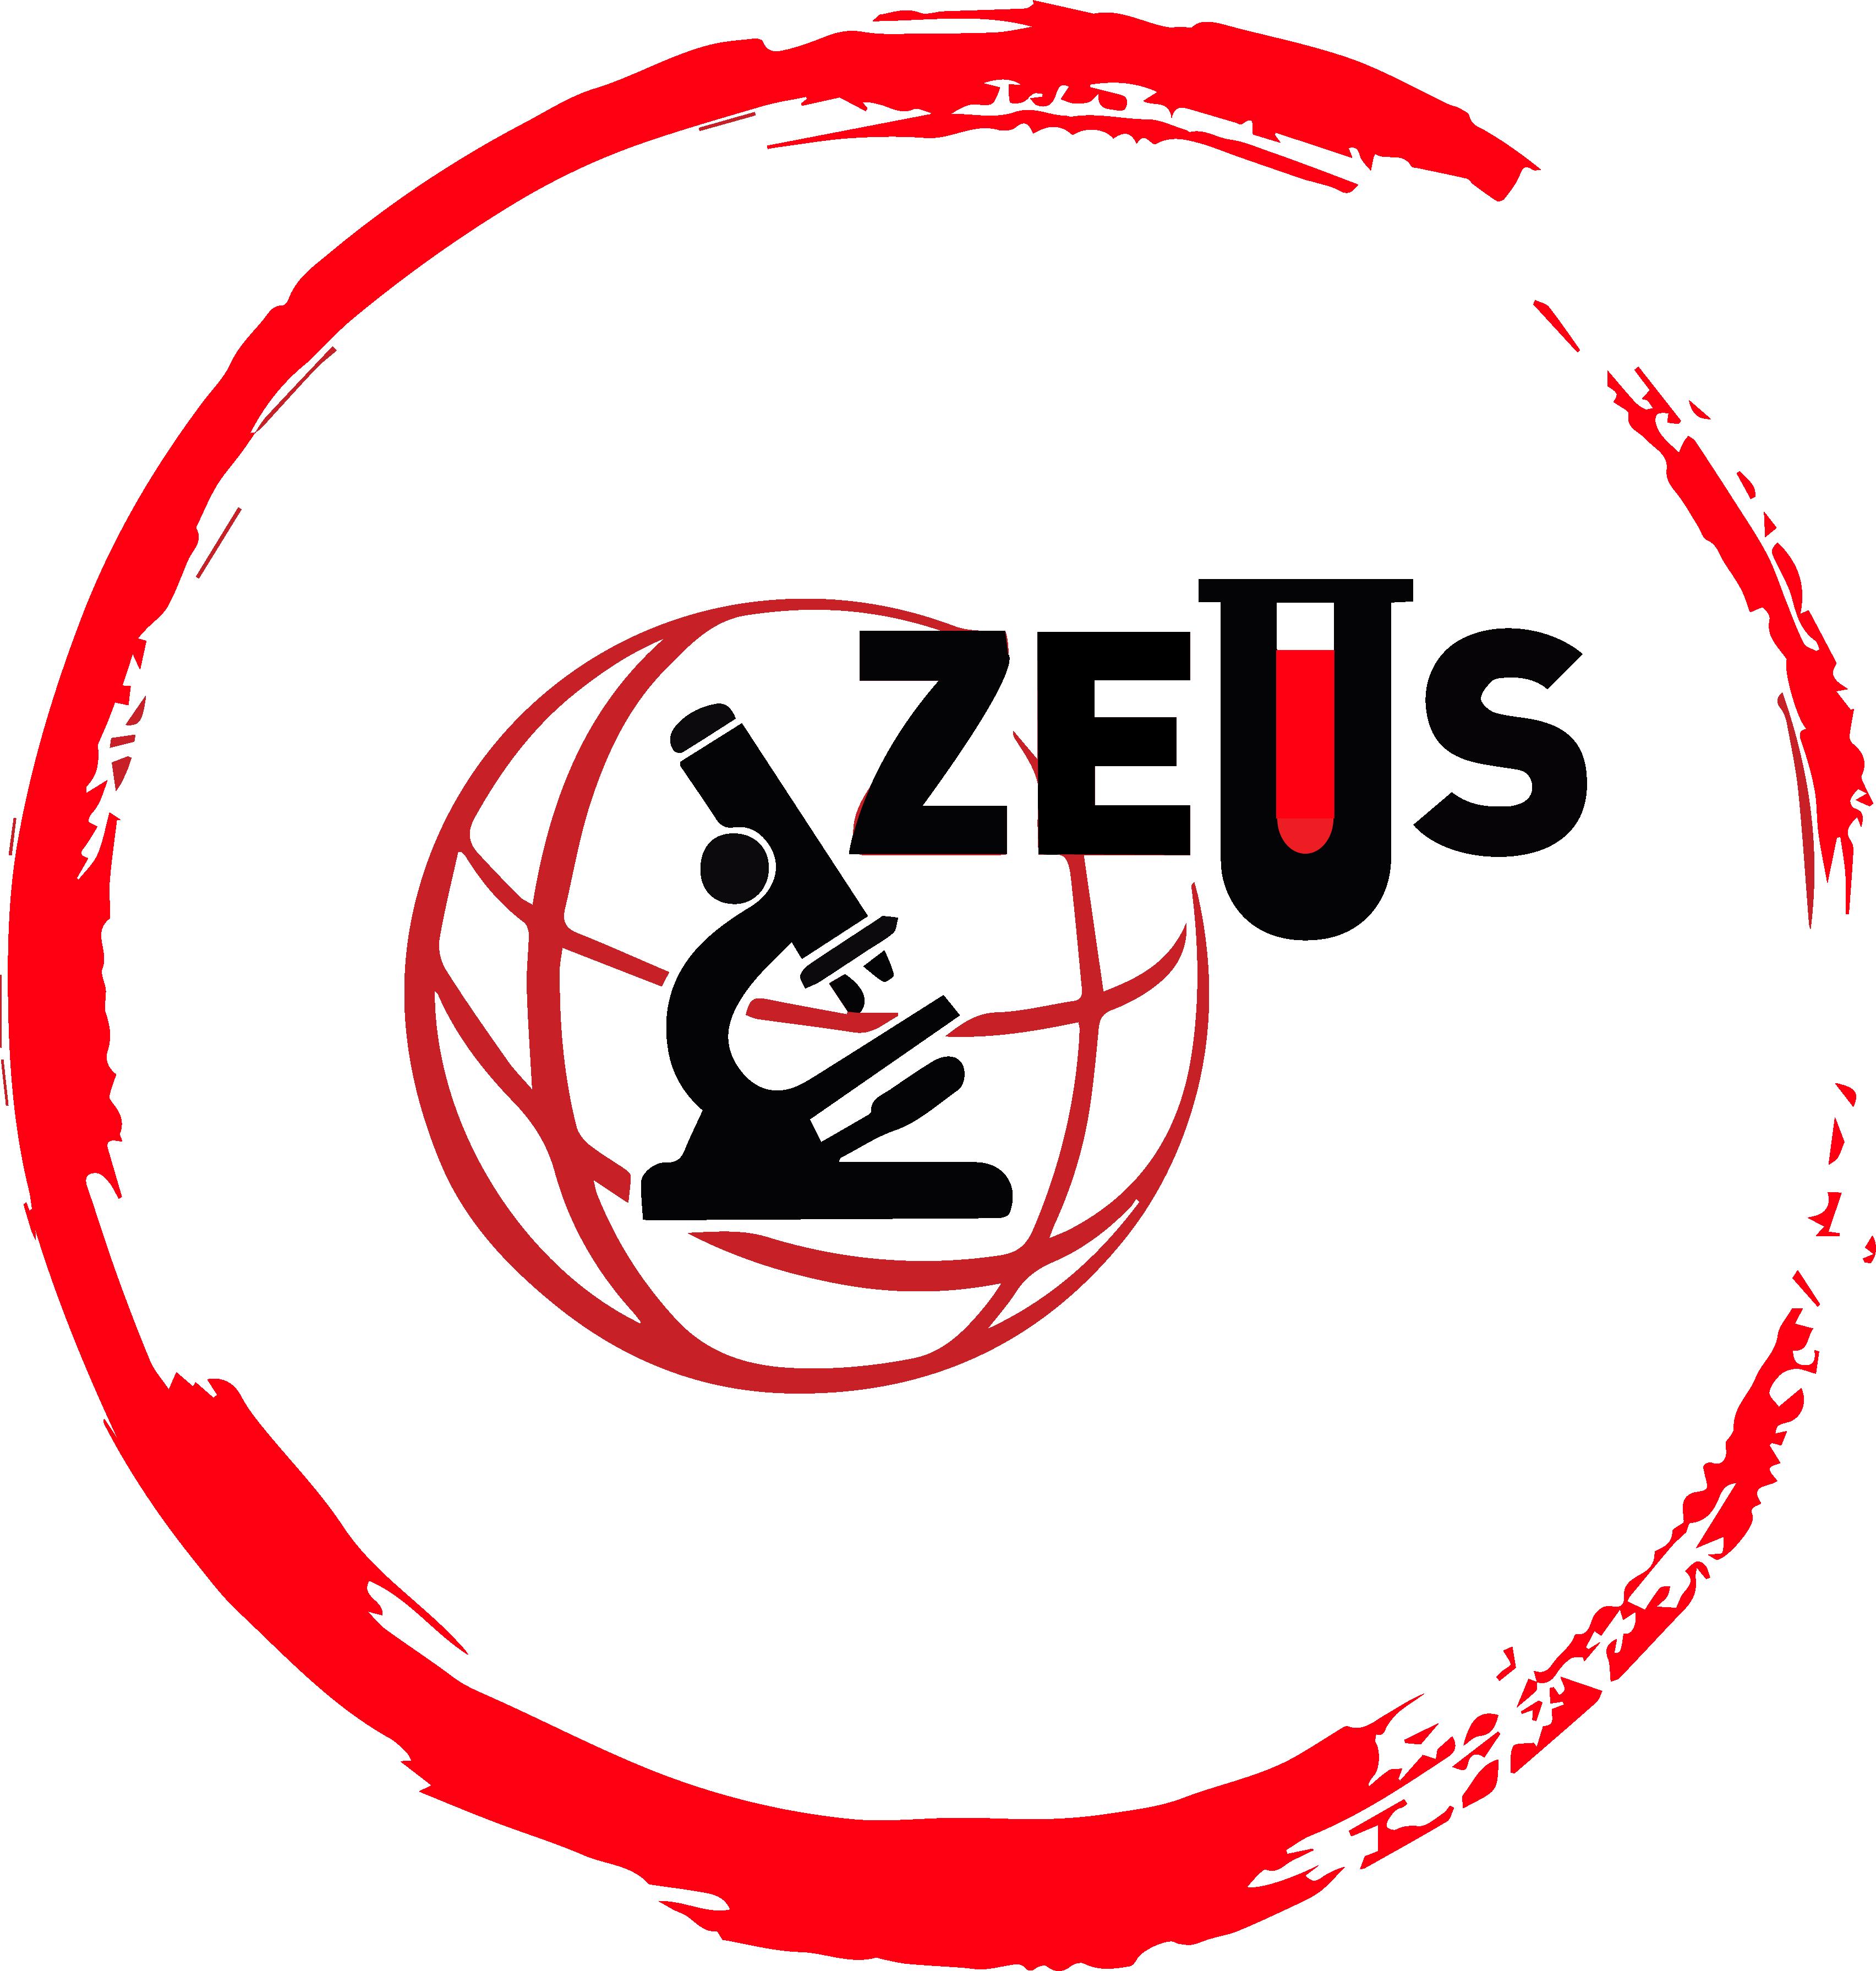 Laboratorija Zeus